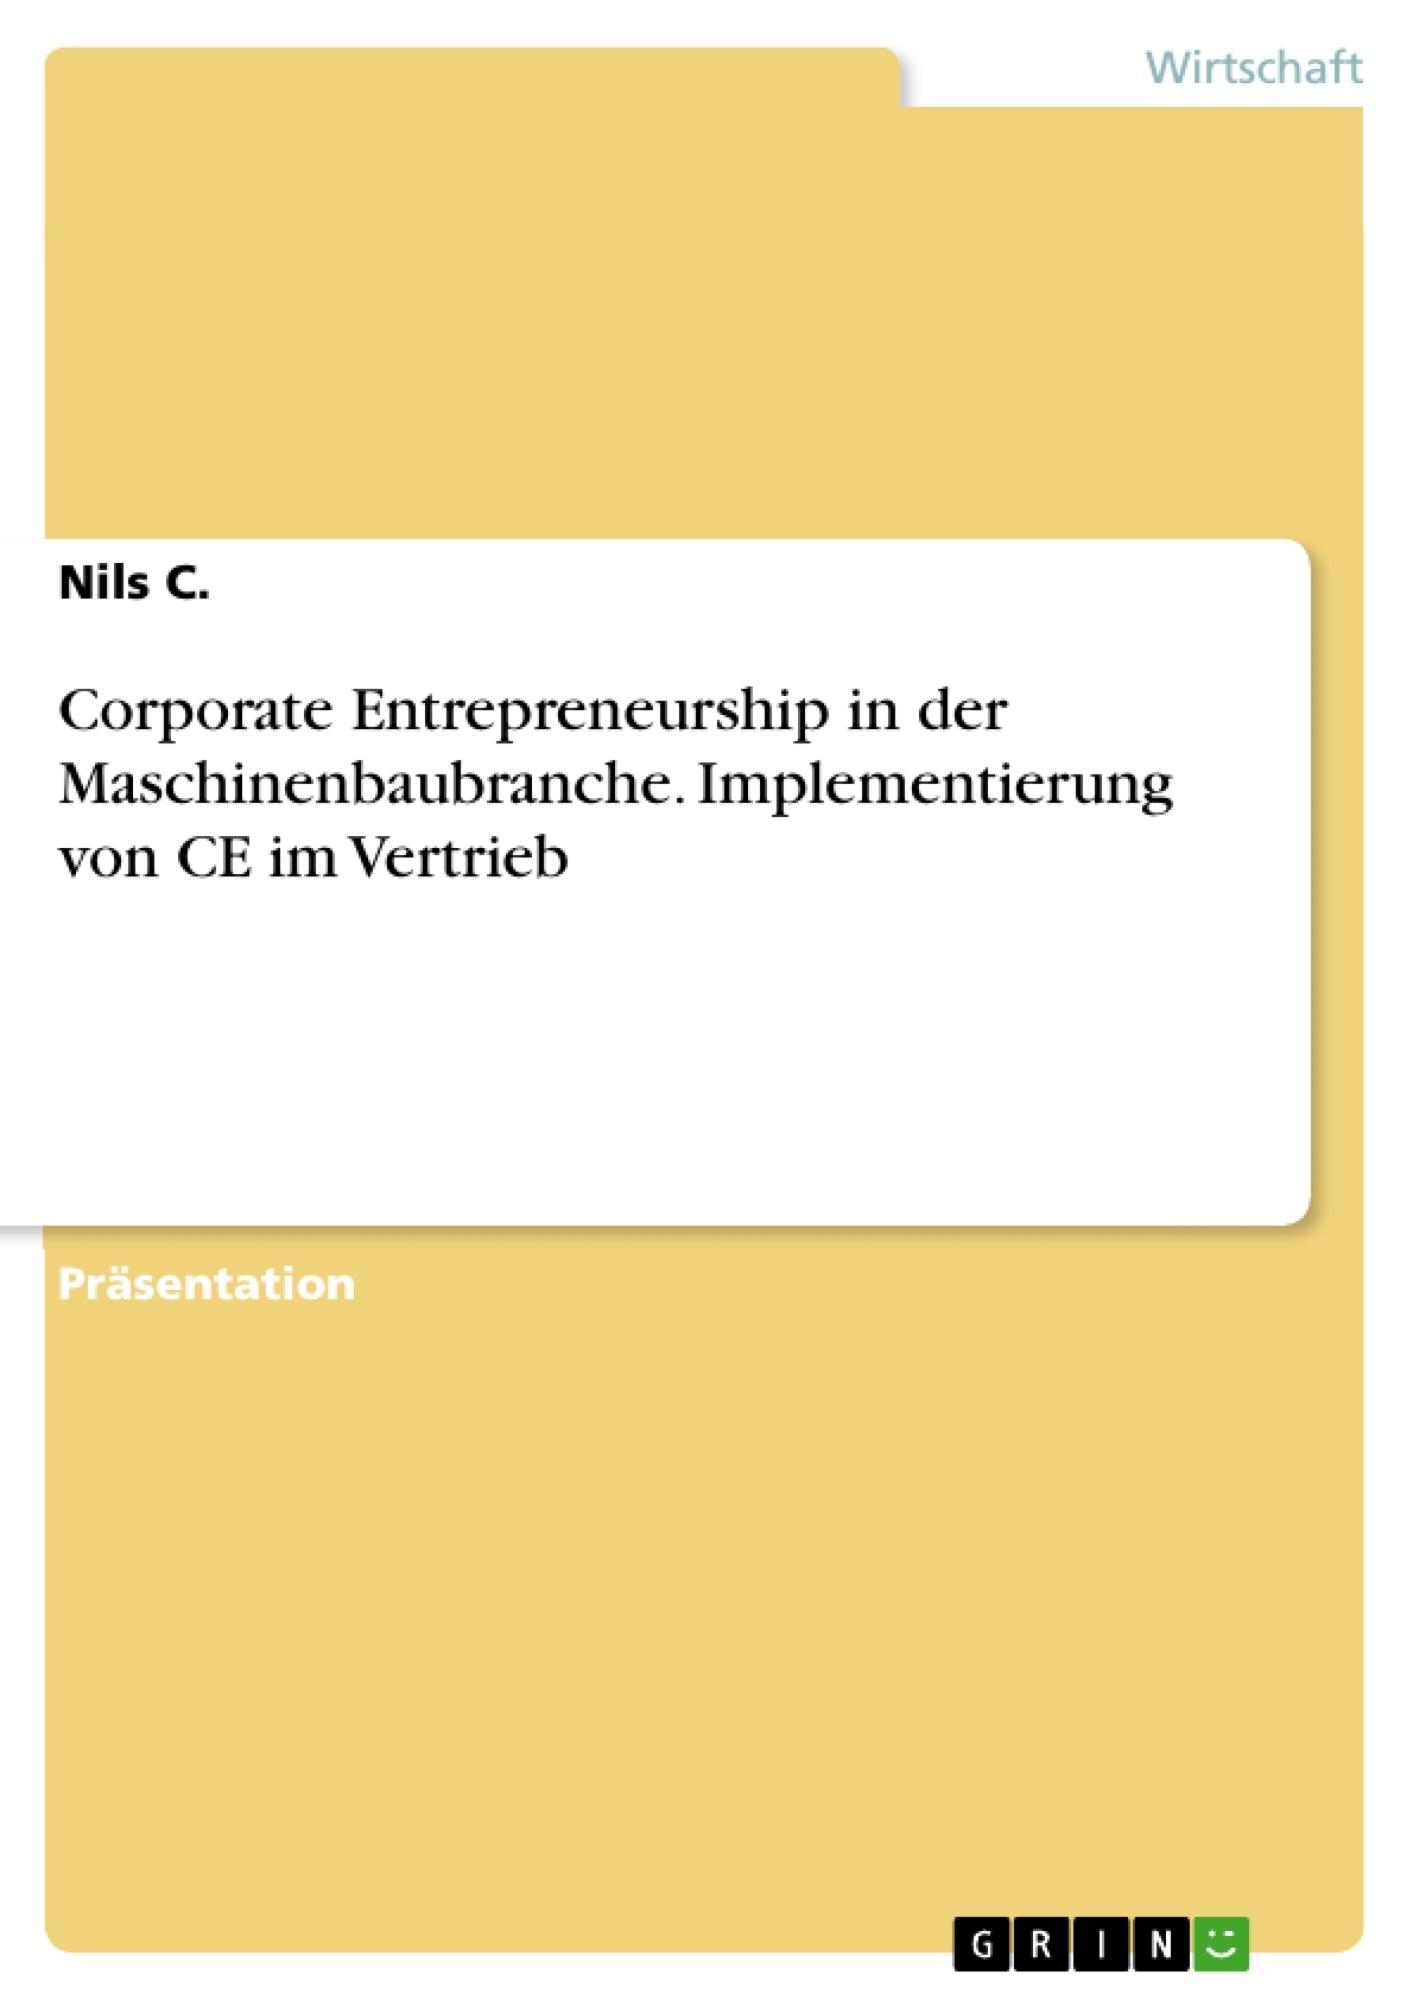 Titel: Corporate Entrepreneurship in der Maschinenbaubranche. Implementierung von CE im Vertrieb